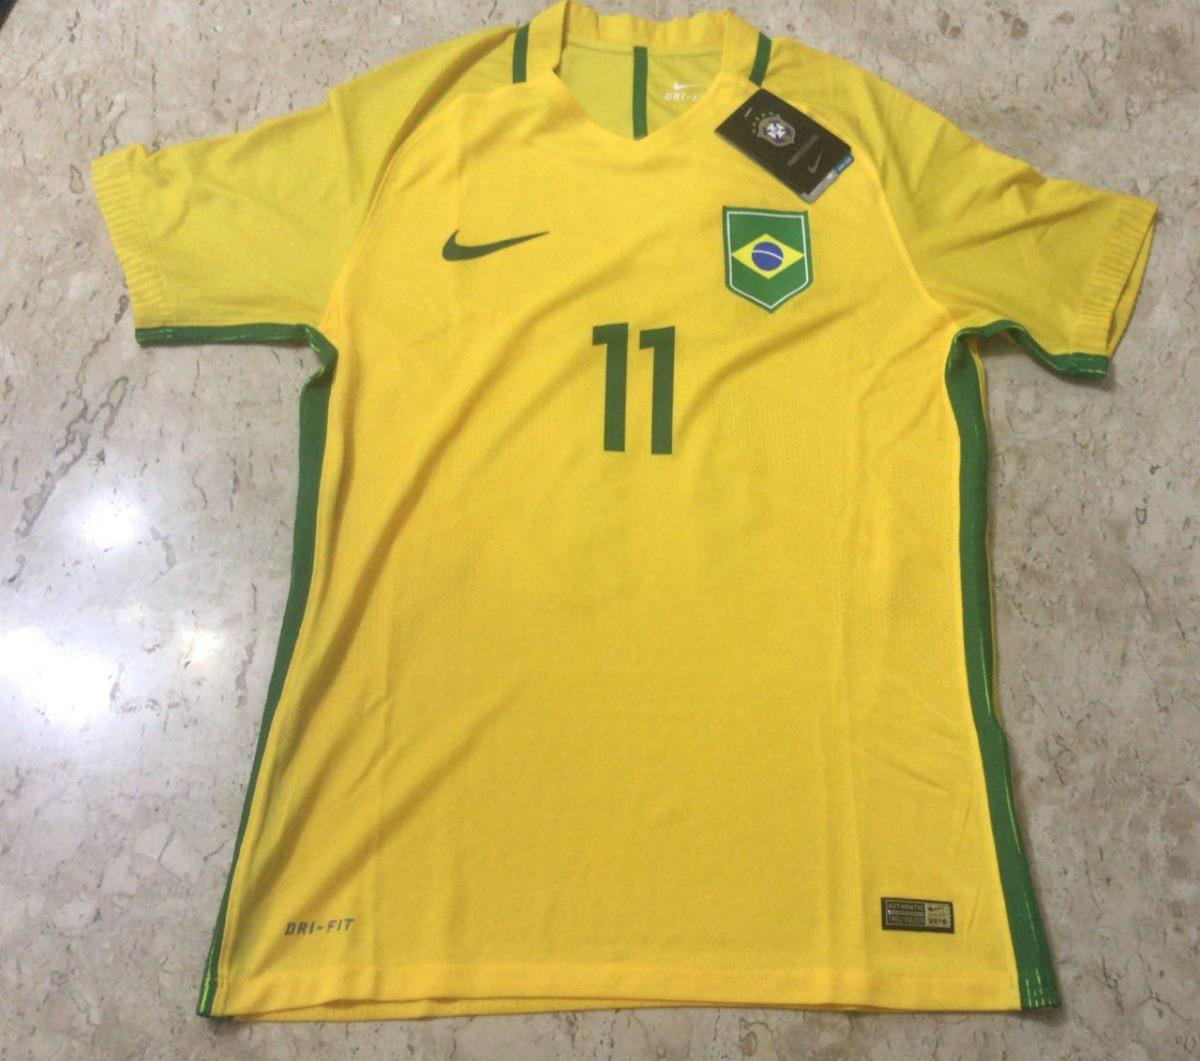 7ff49b1810c96 camisa rara nike seleção brasileira futebol olimpíadas 2016. Carregando  zoom.